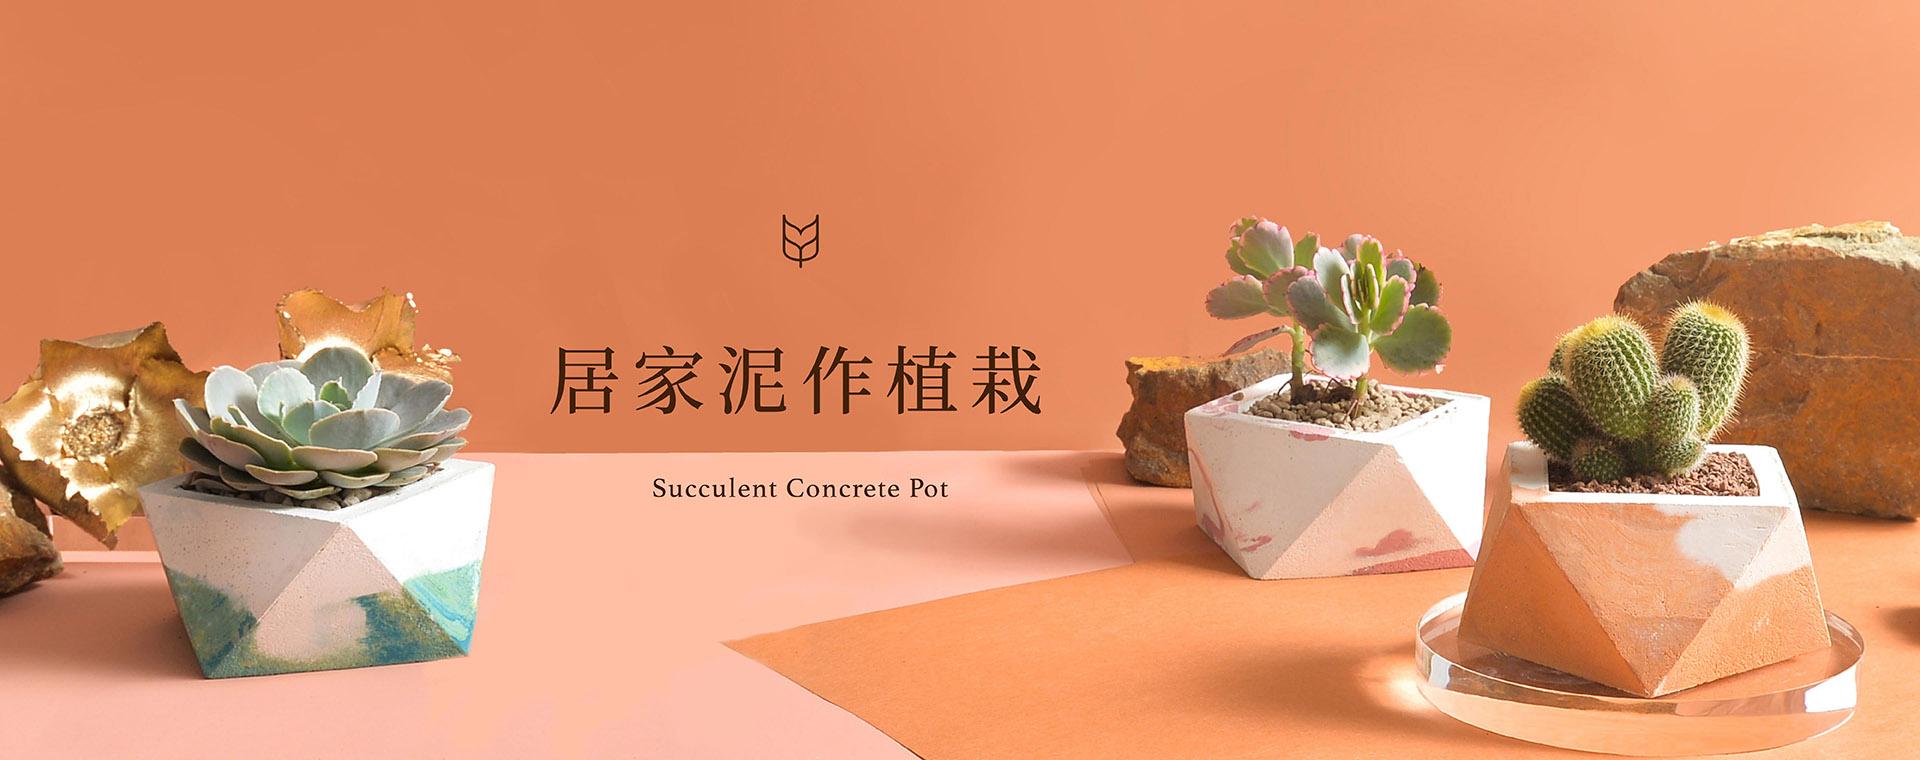 0514 新版水泥盆栽DIY創作課程 [已復原]